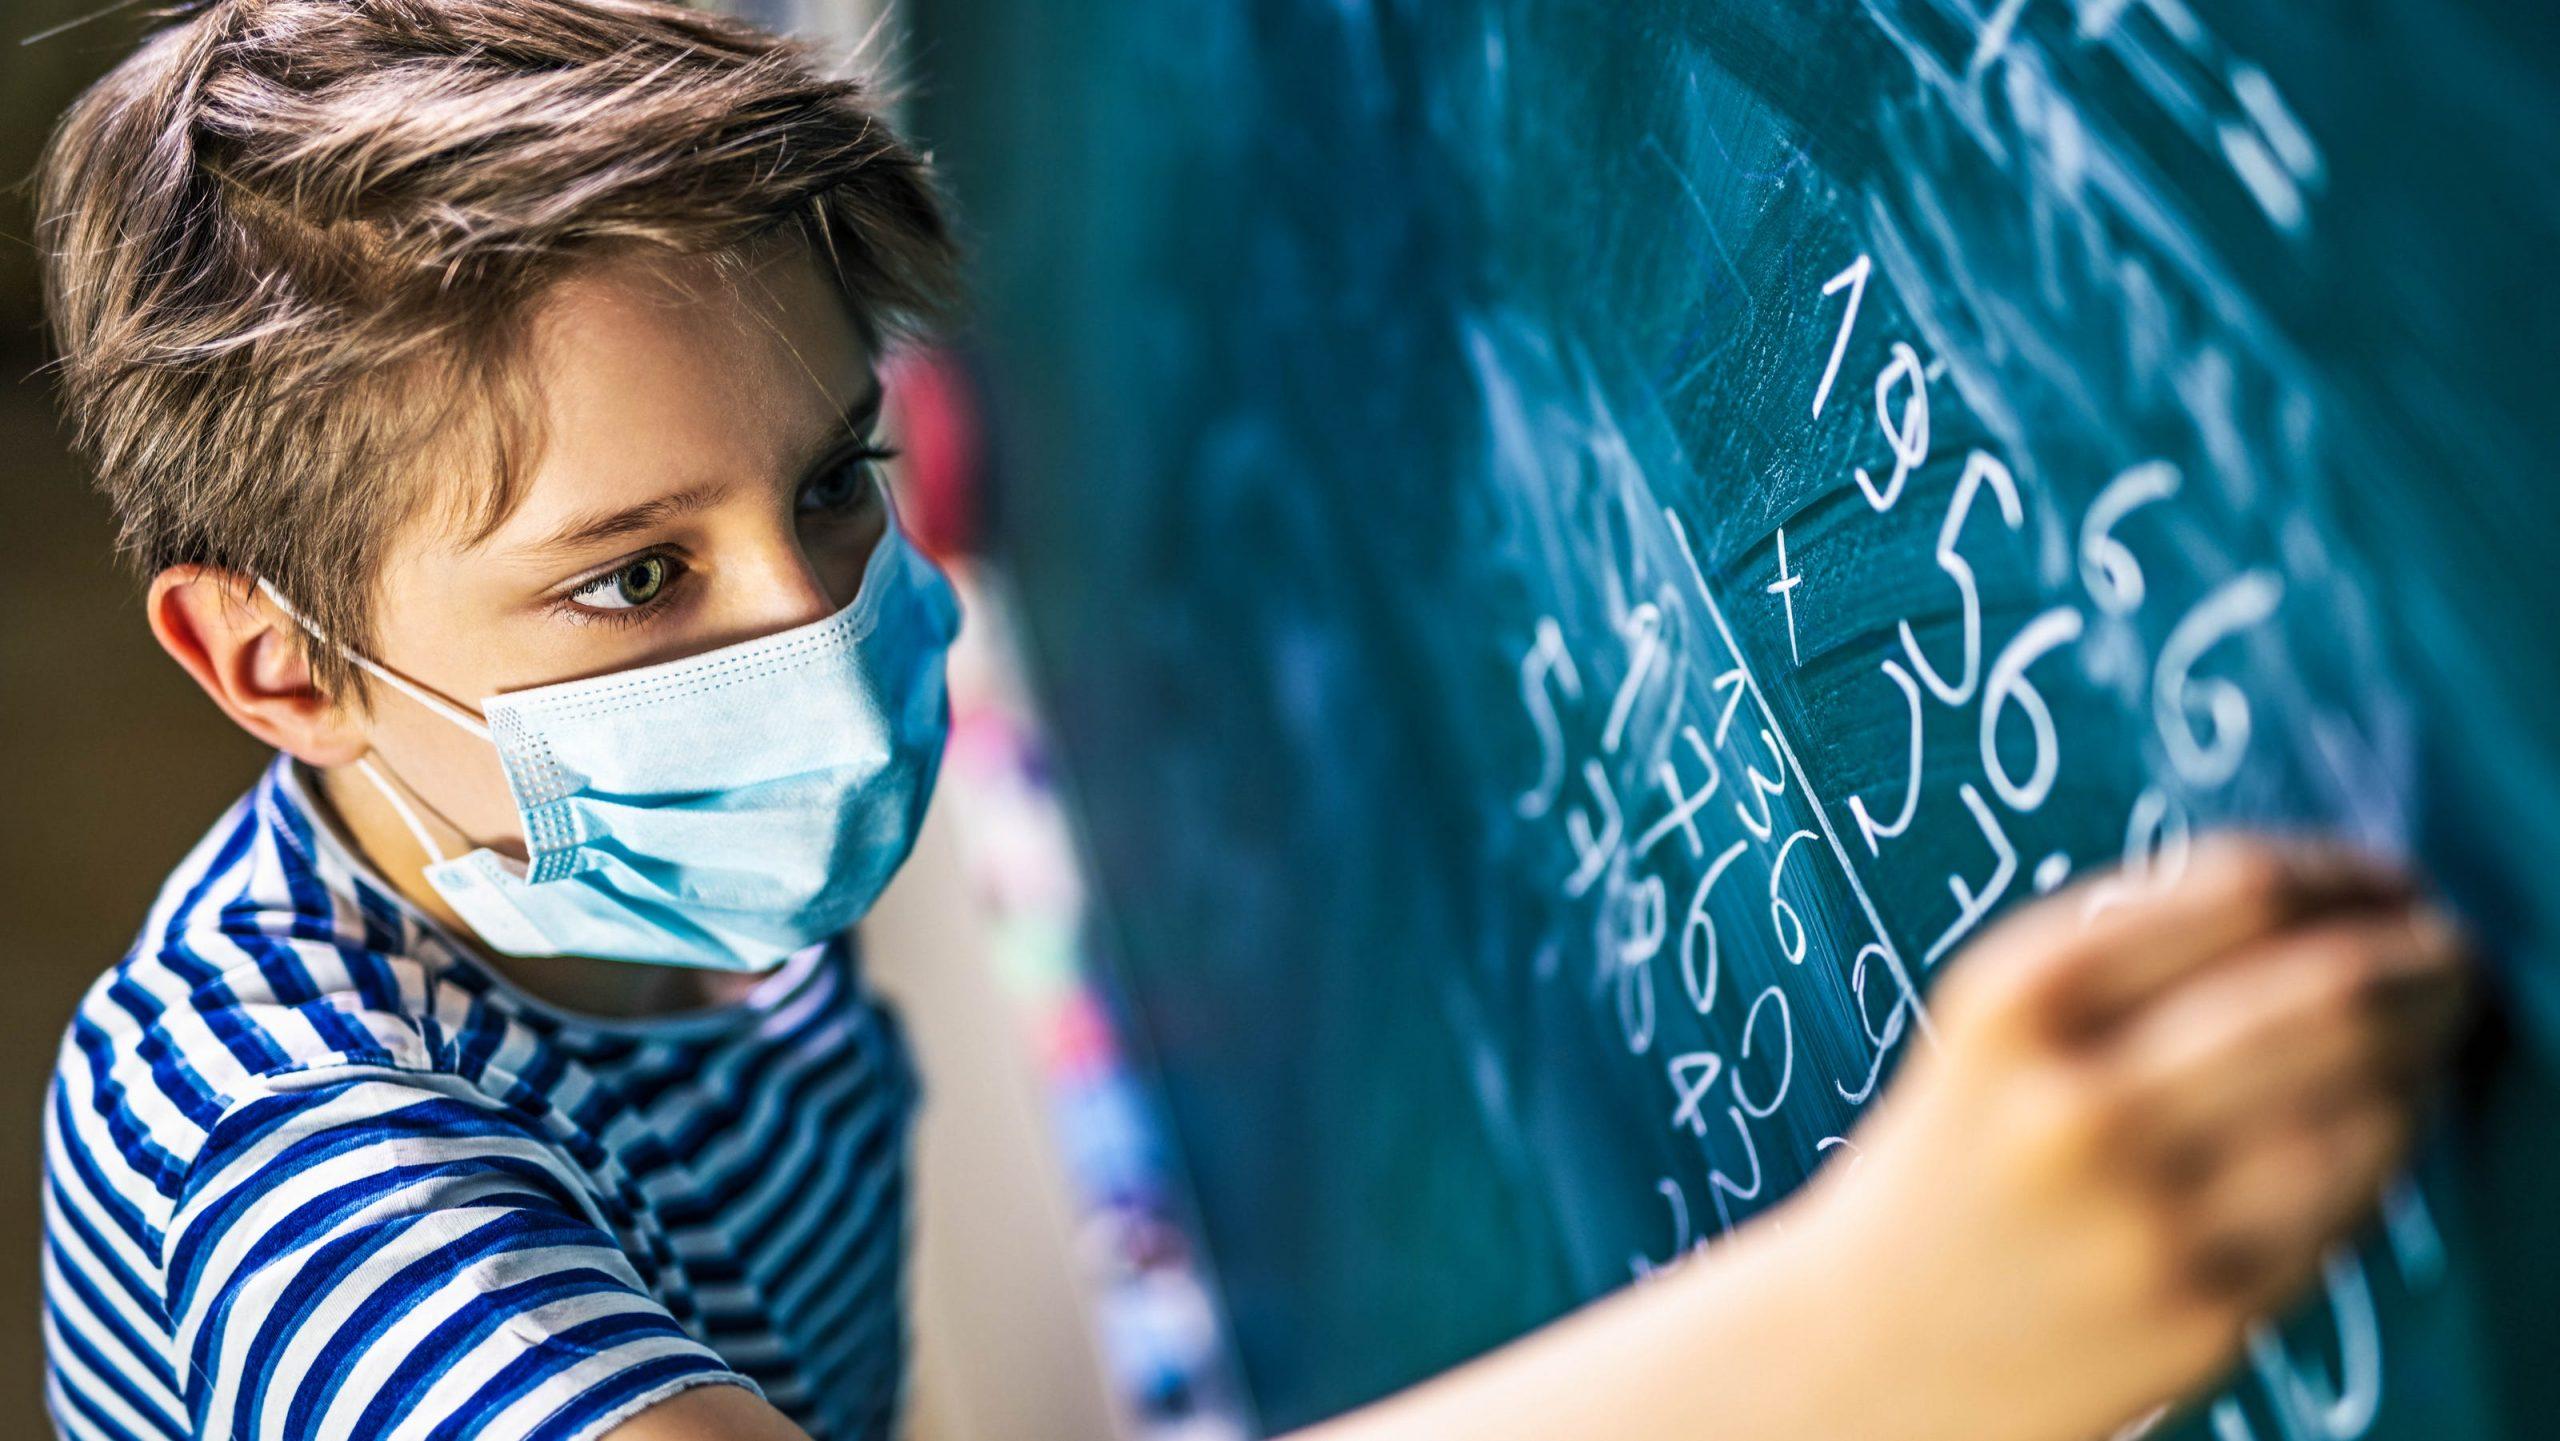 Green Pass scuola anche per studenti over 12 e trasporto locale: il Governo ci pensa